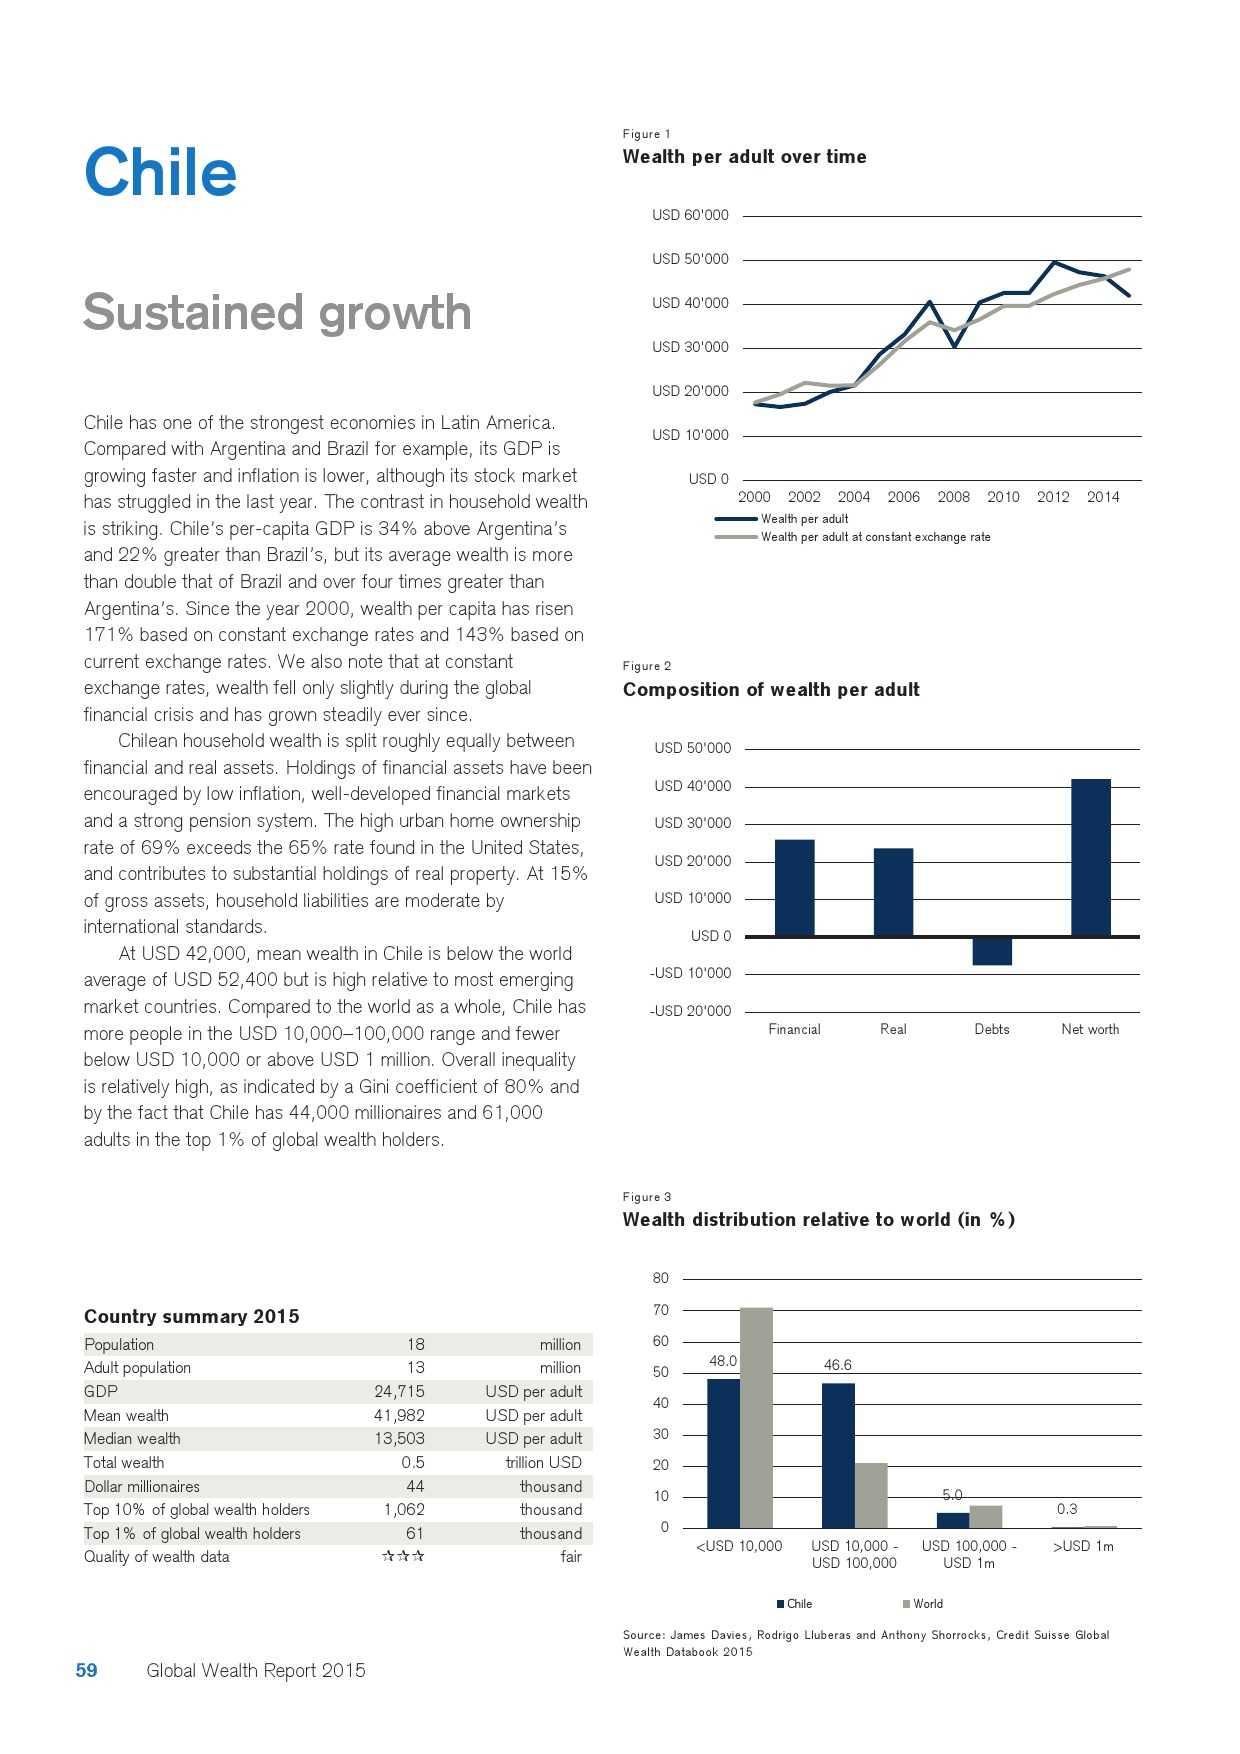 瑞士信贷:2015年全球财富报告_000059